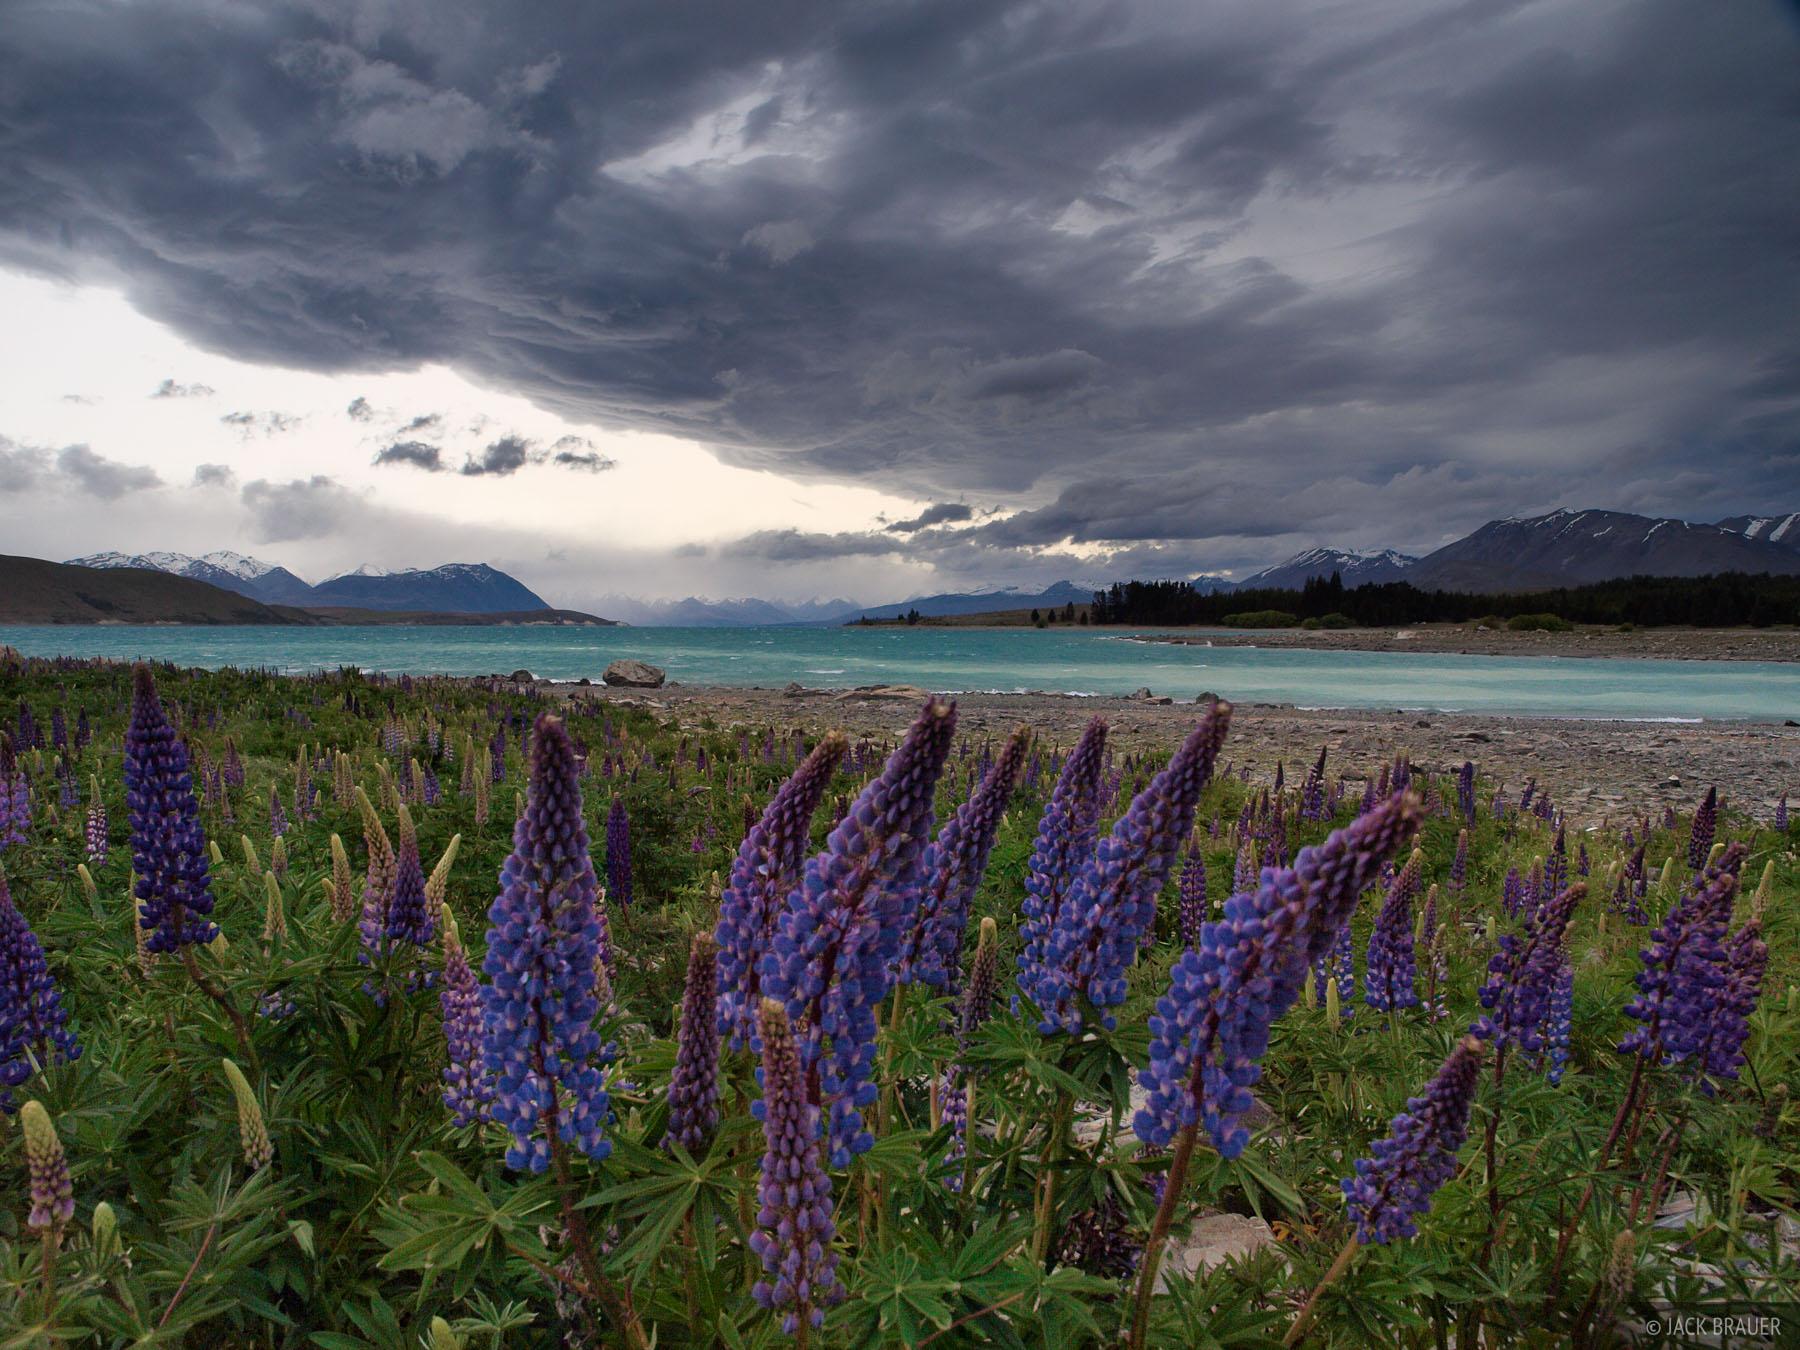 Lake Tekapo, lupines, South Island, New Zealand, photo